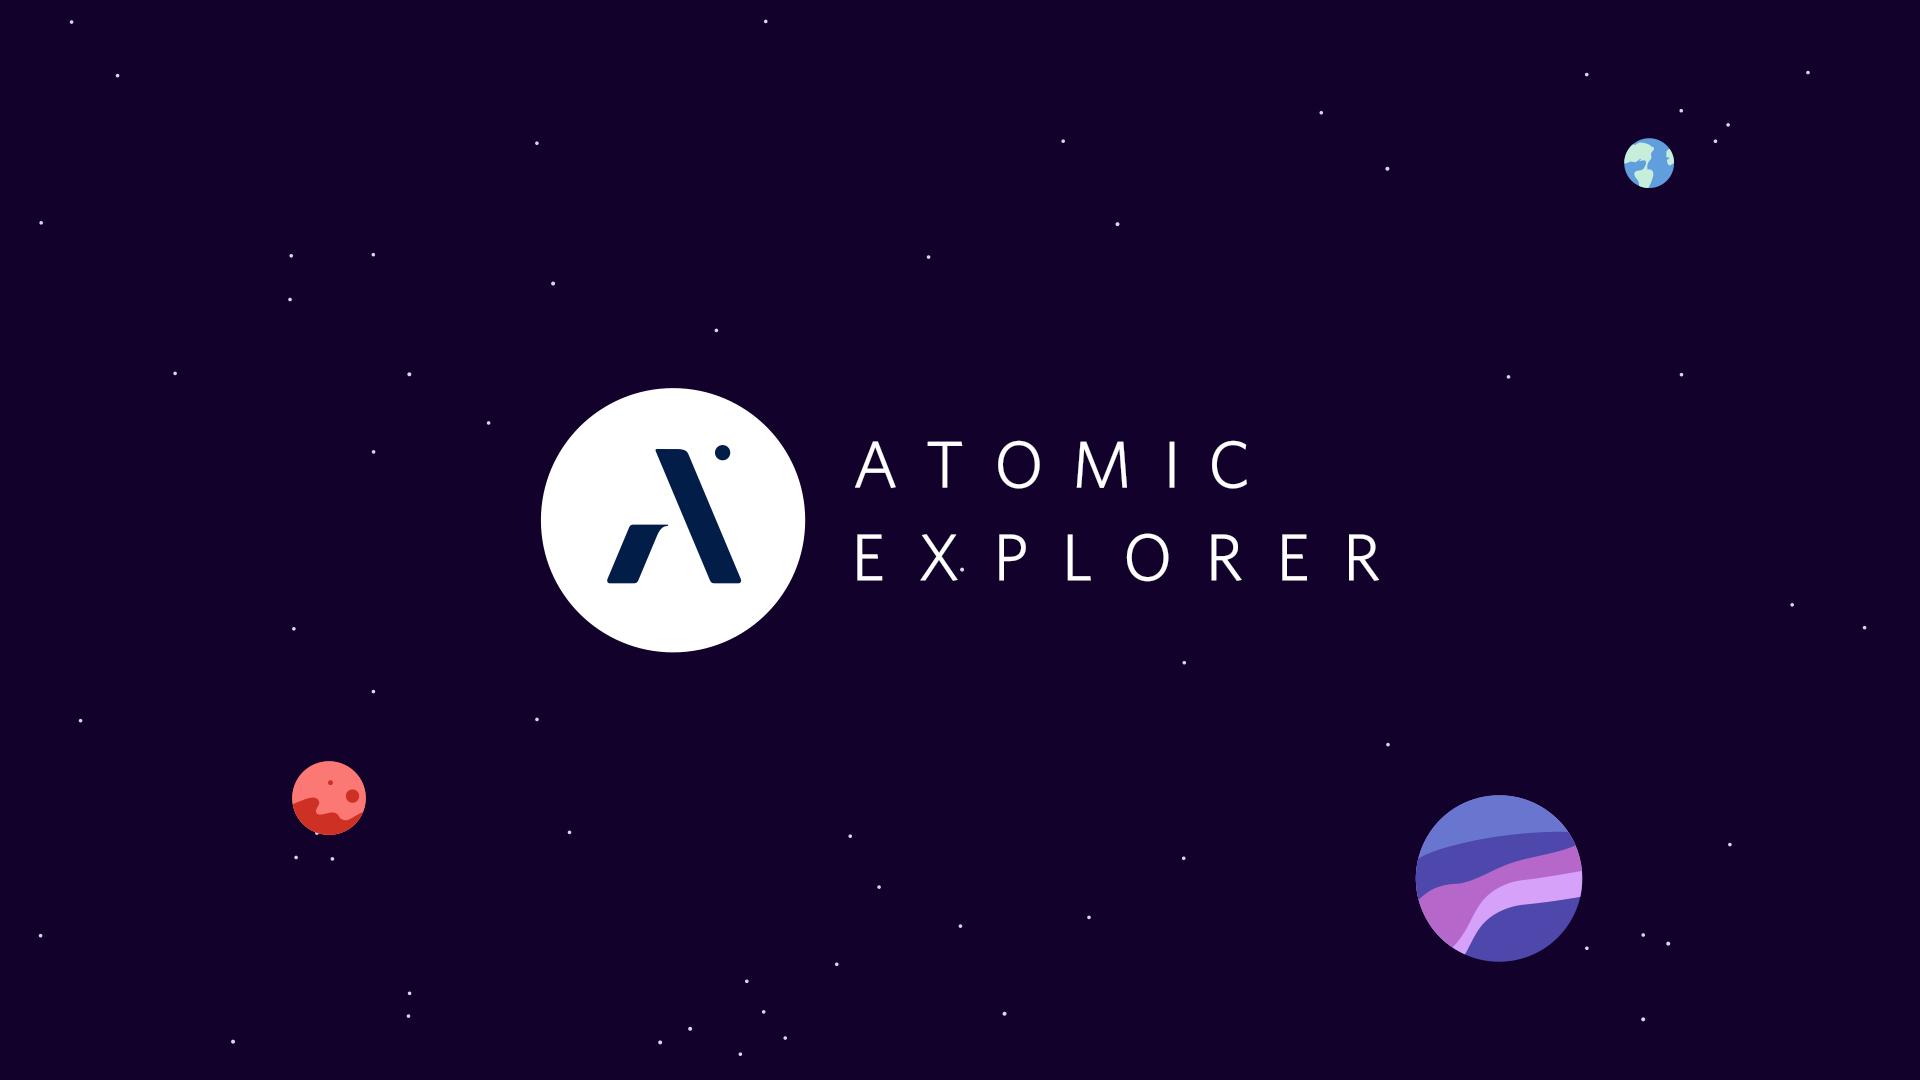 atomic_explorer_twitterpic.png